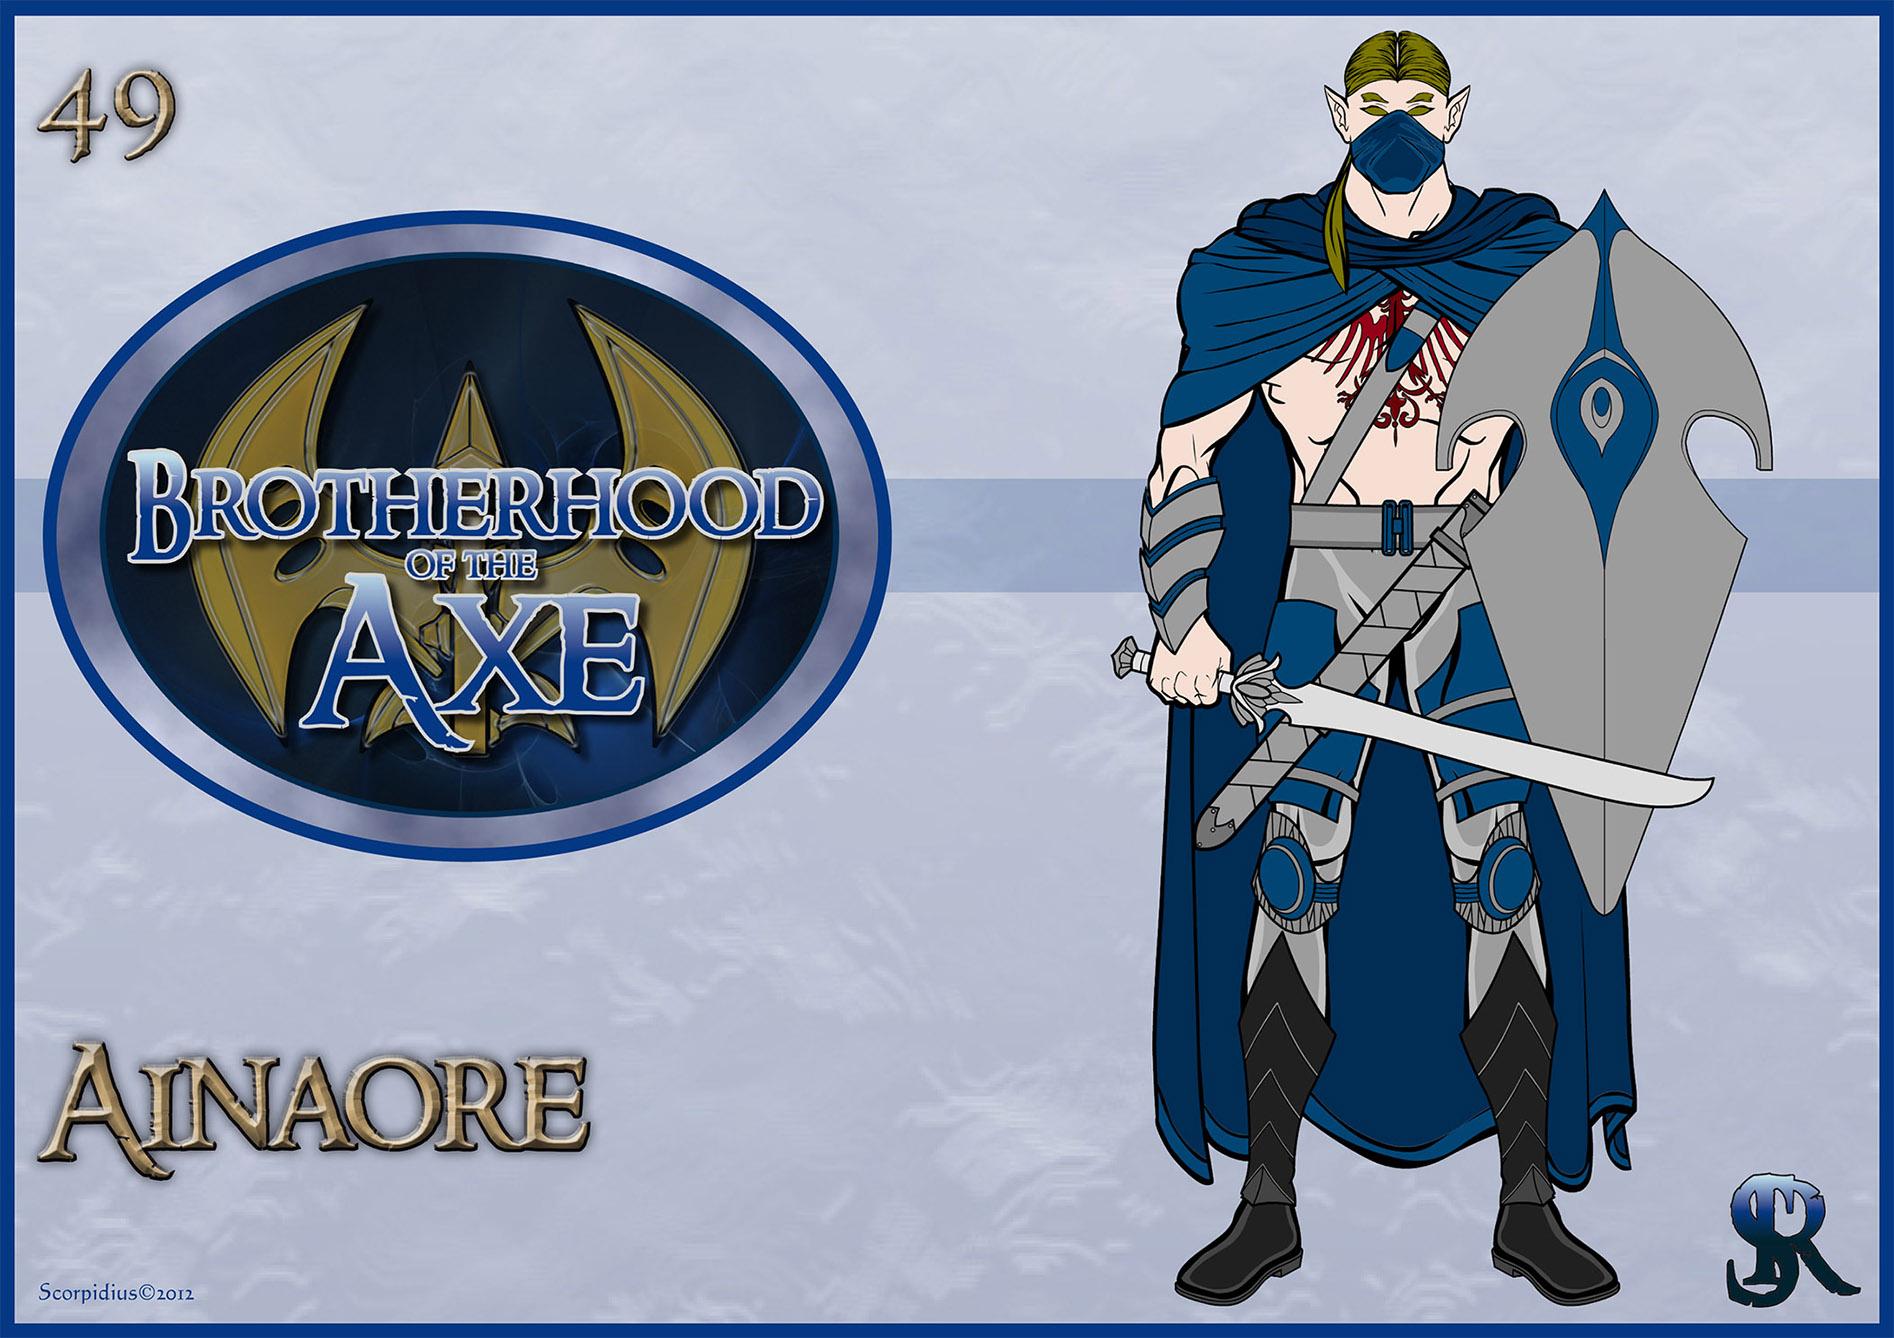 http://www.heromachine.com/wp-content/legacy/forum-image-uploads/scorpidius/2012/03/049-Ainaore.jpg